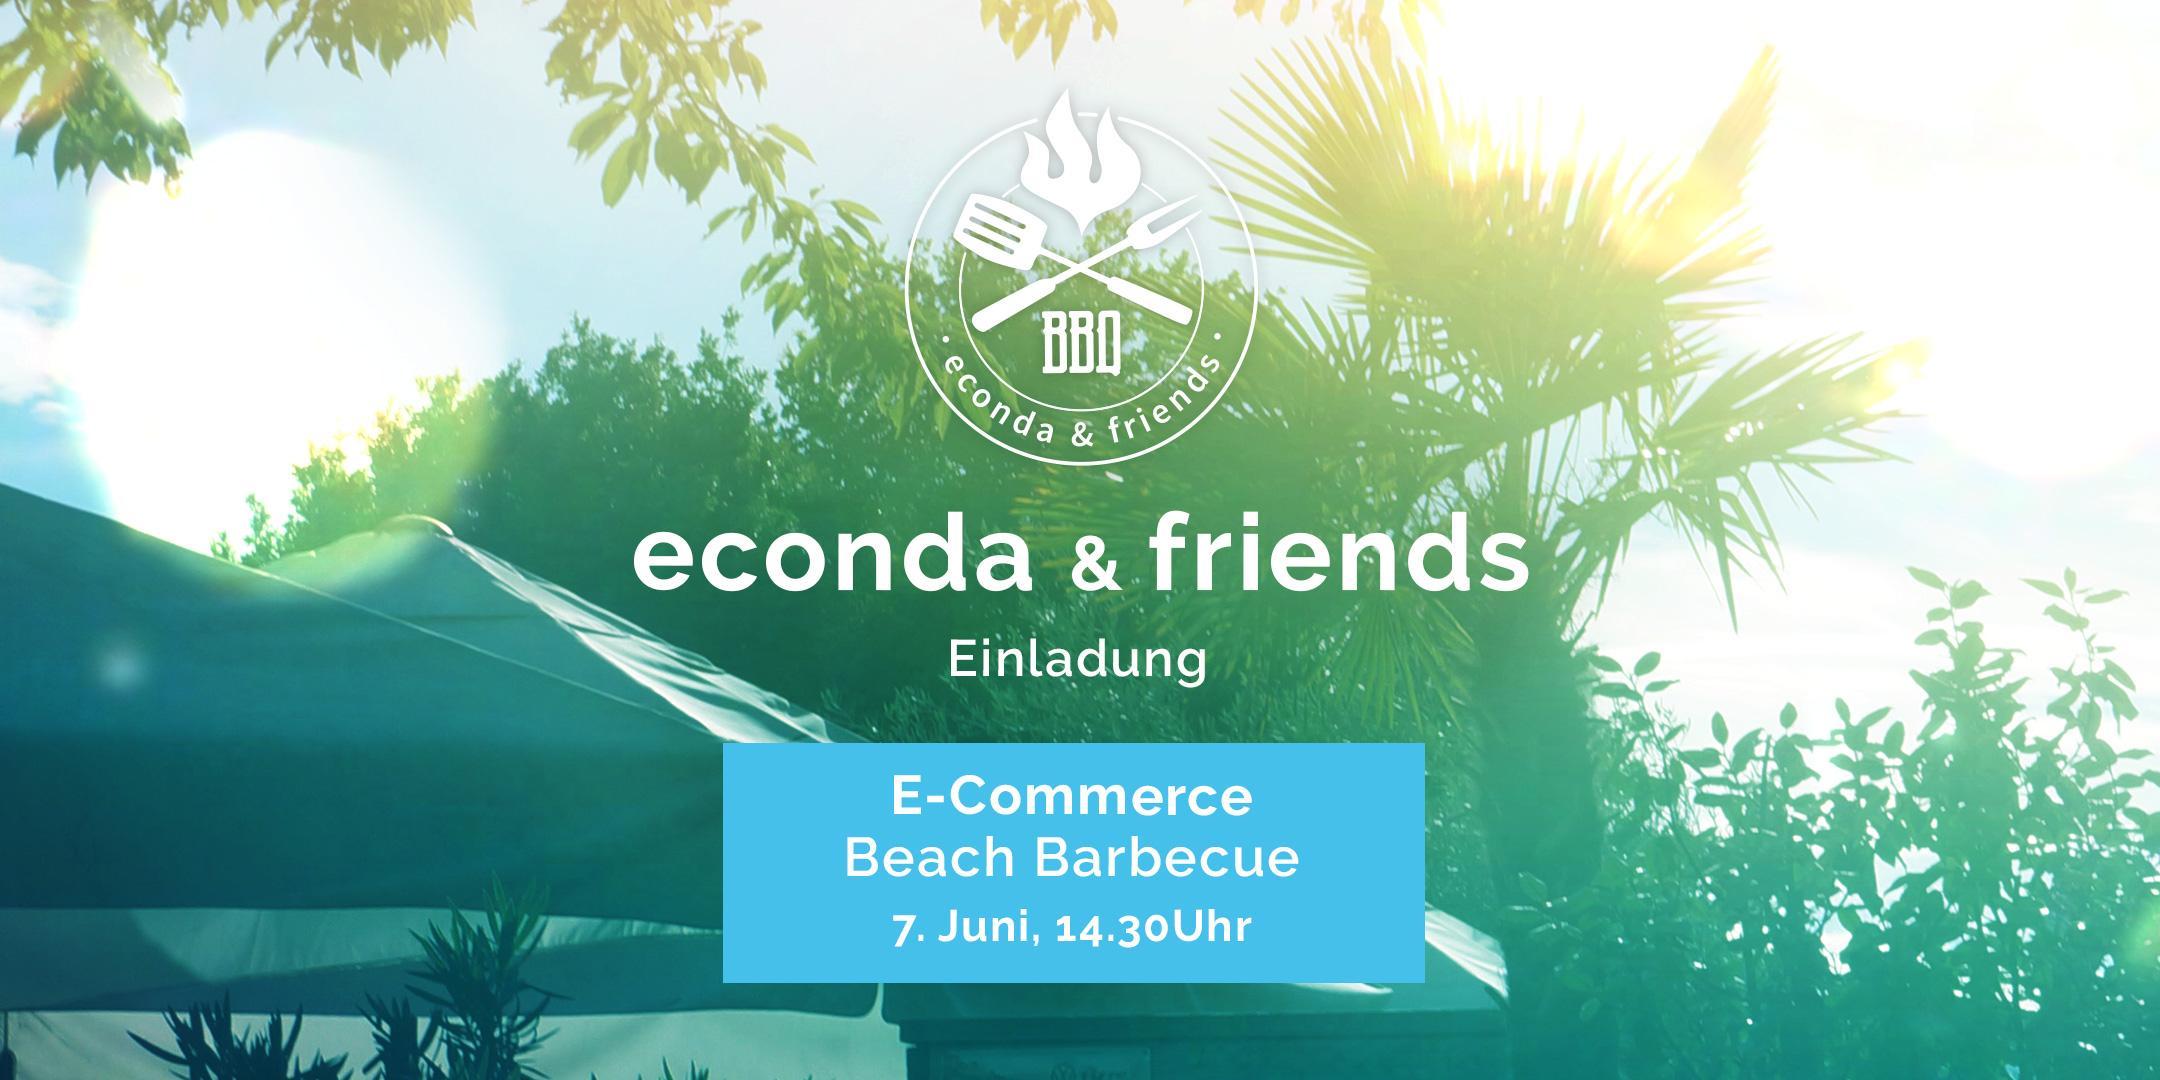 econda&friends E-Commerce BBQ